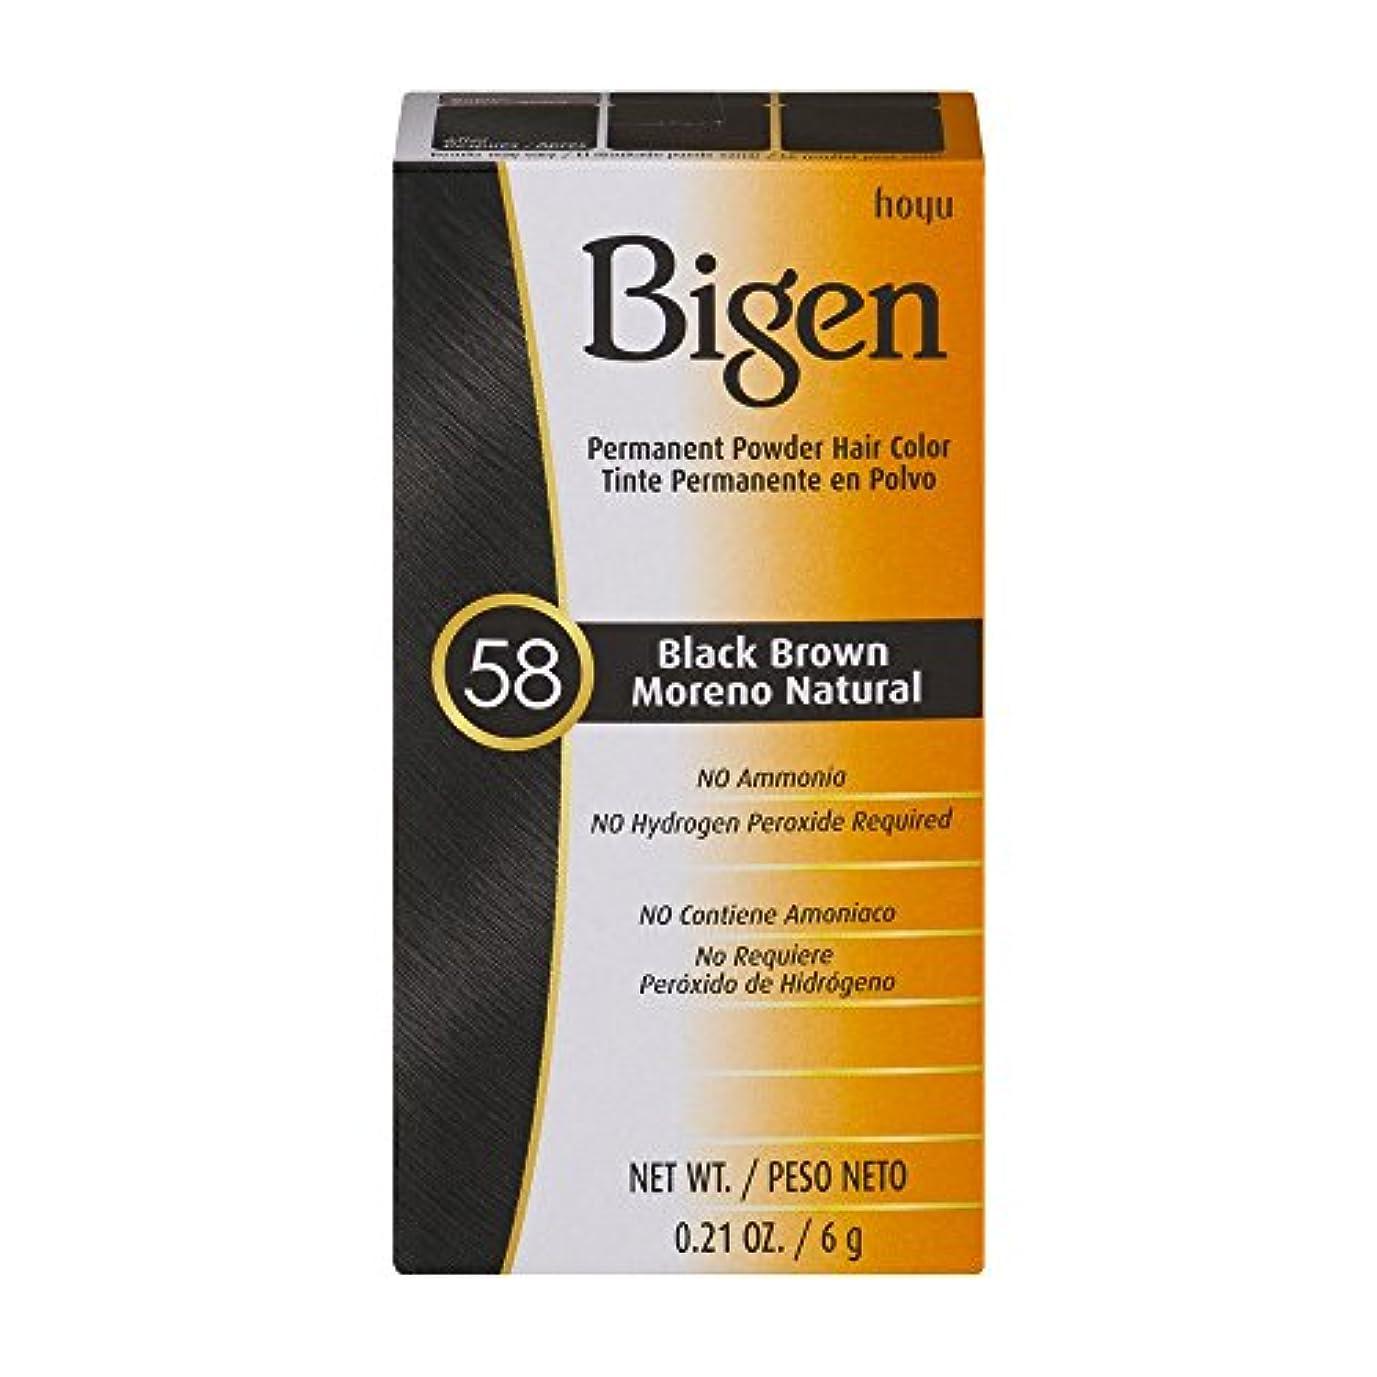 スポーツの試合を担当している人記念碑的なモデレータBigen パウダーヘアカラー#58ブラックブラウン0.21Oz(3パック) 0.21オンス(3パック) 黒褐色